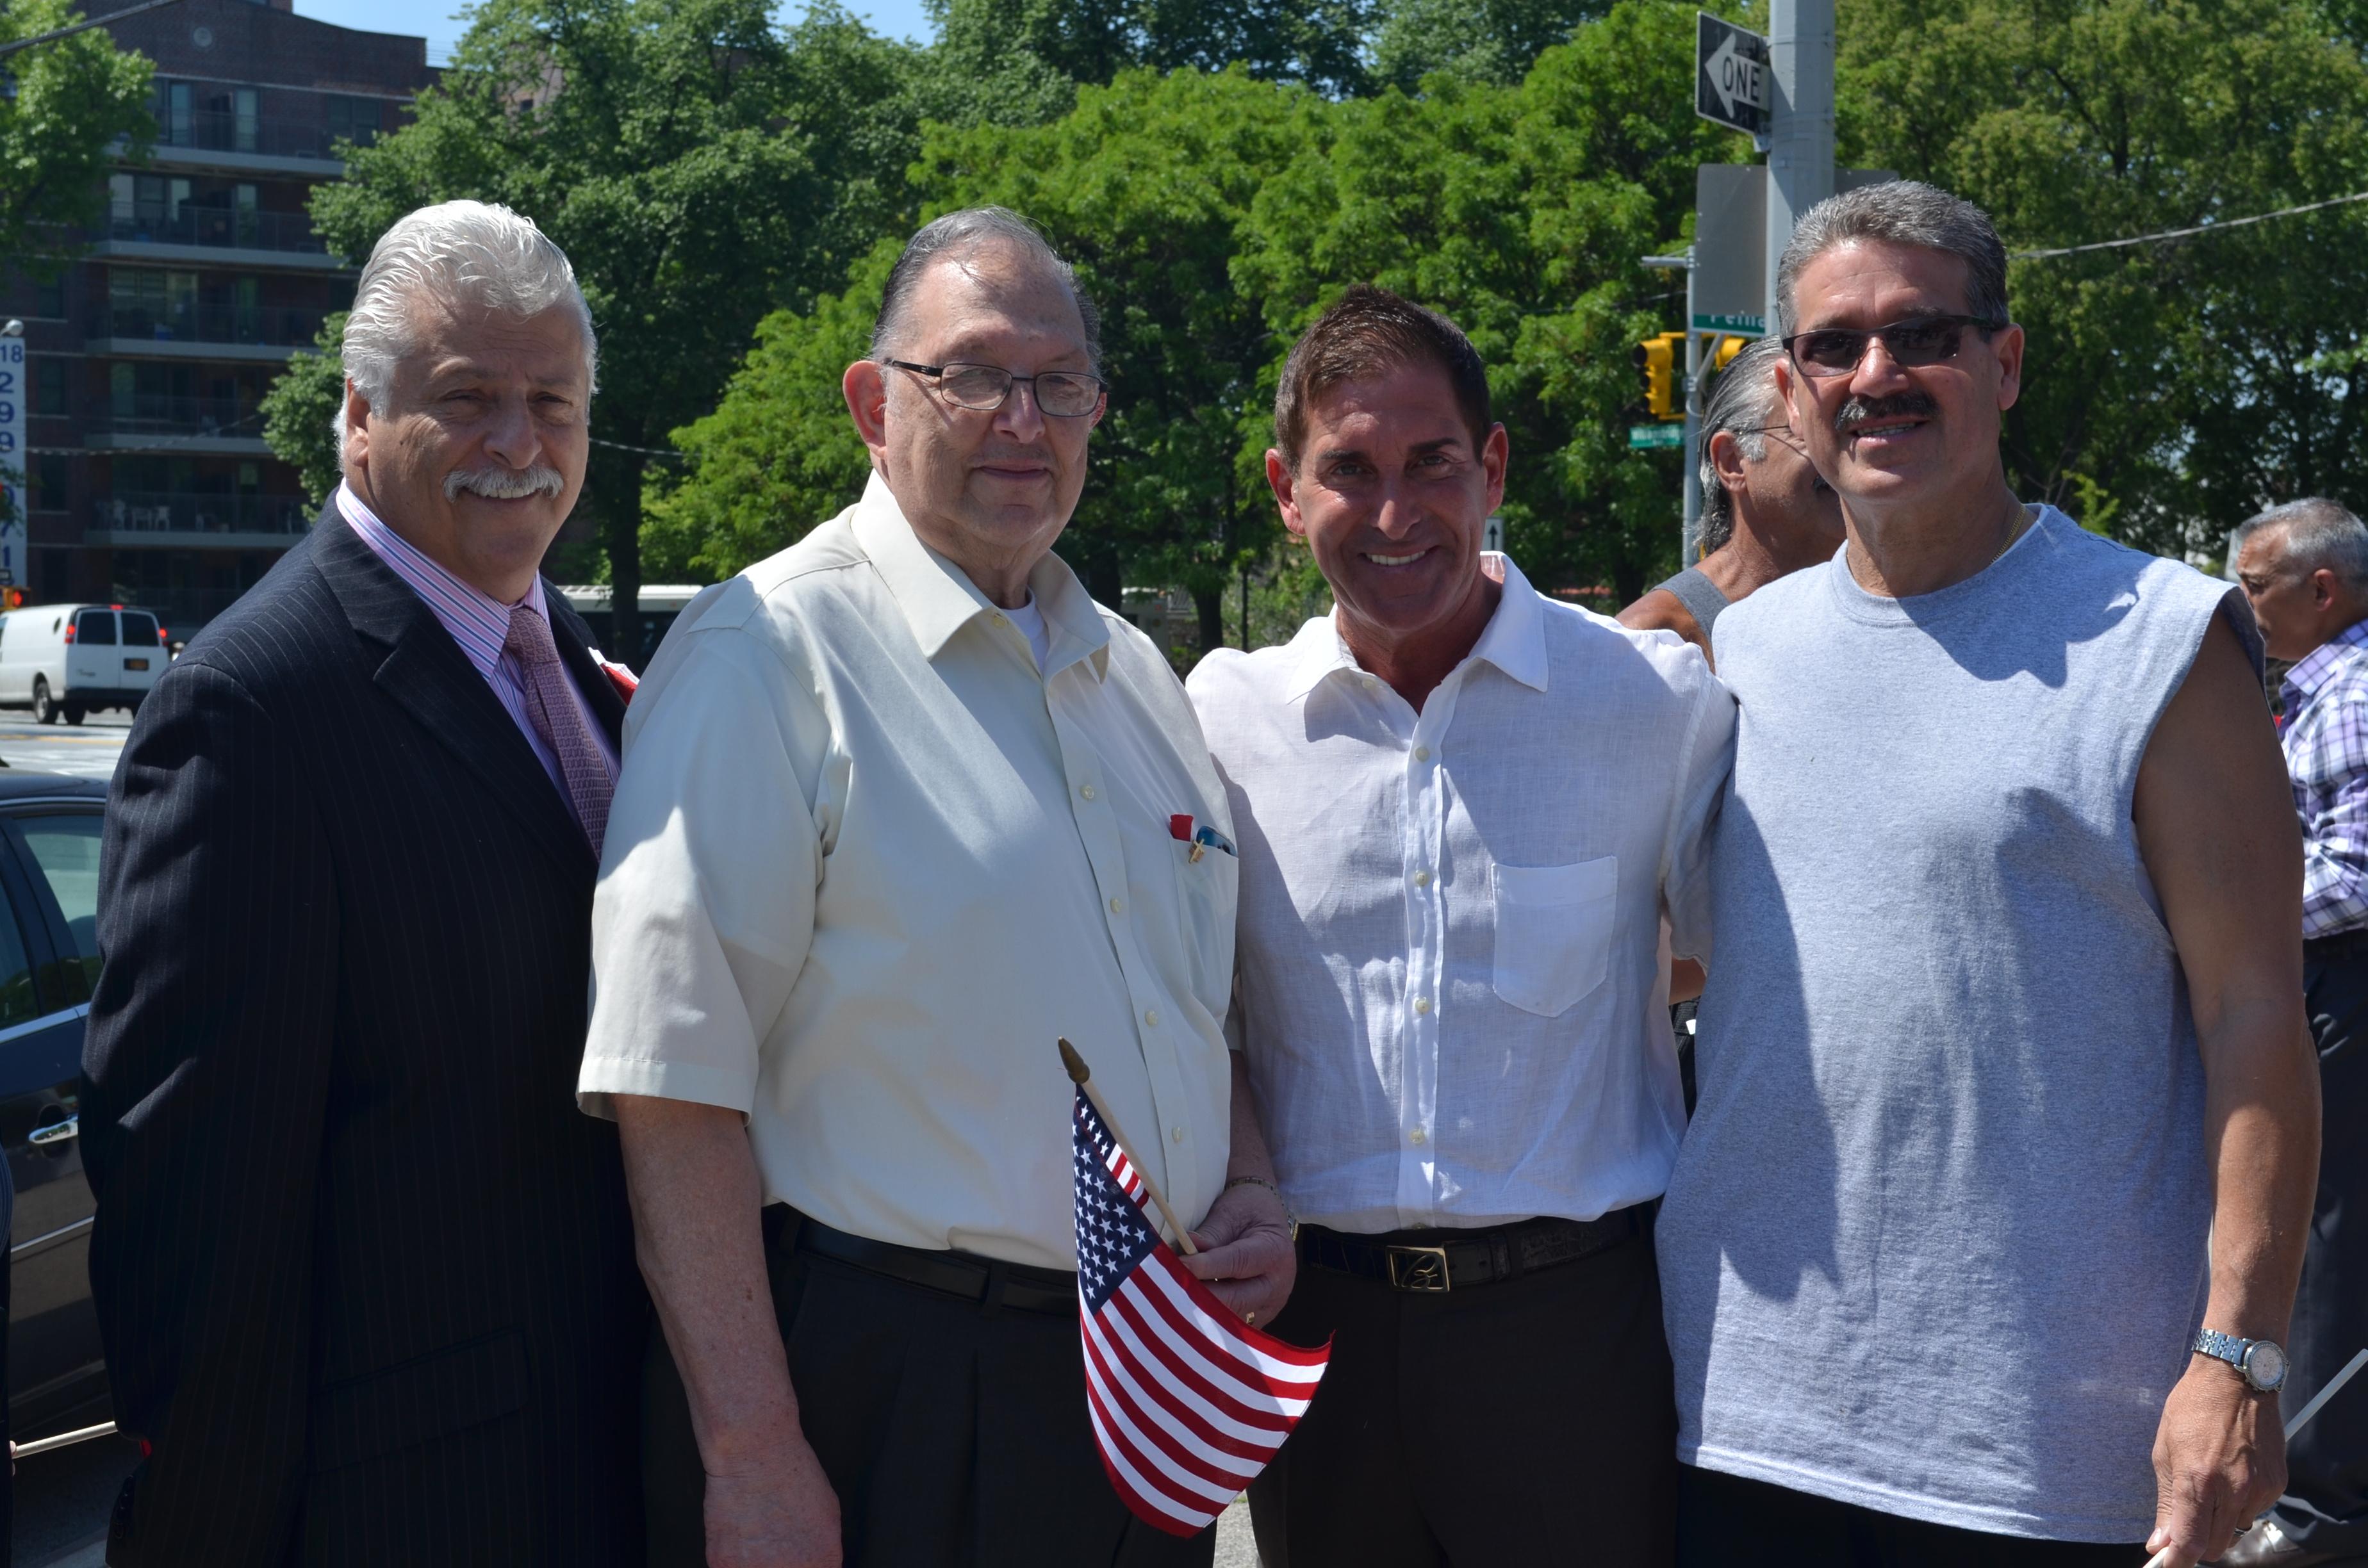 Morris Park Memorial Day